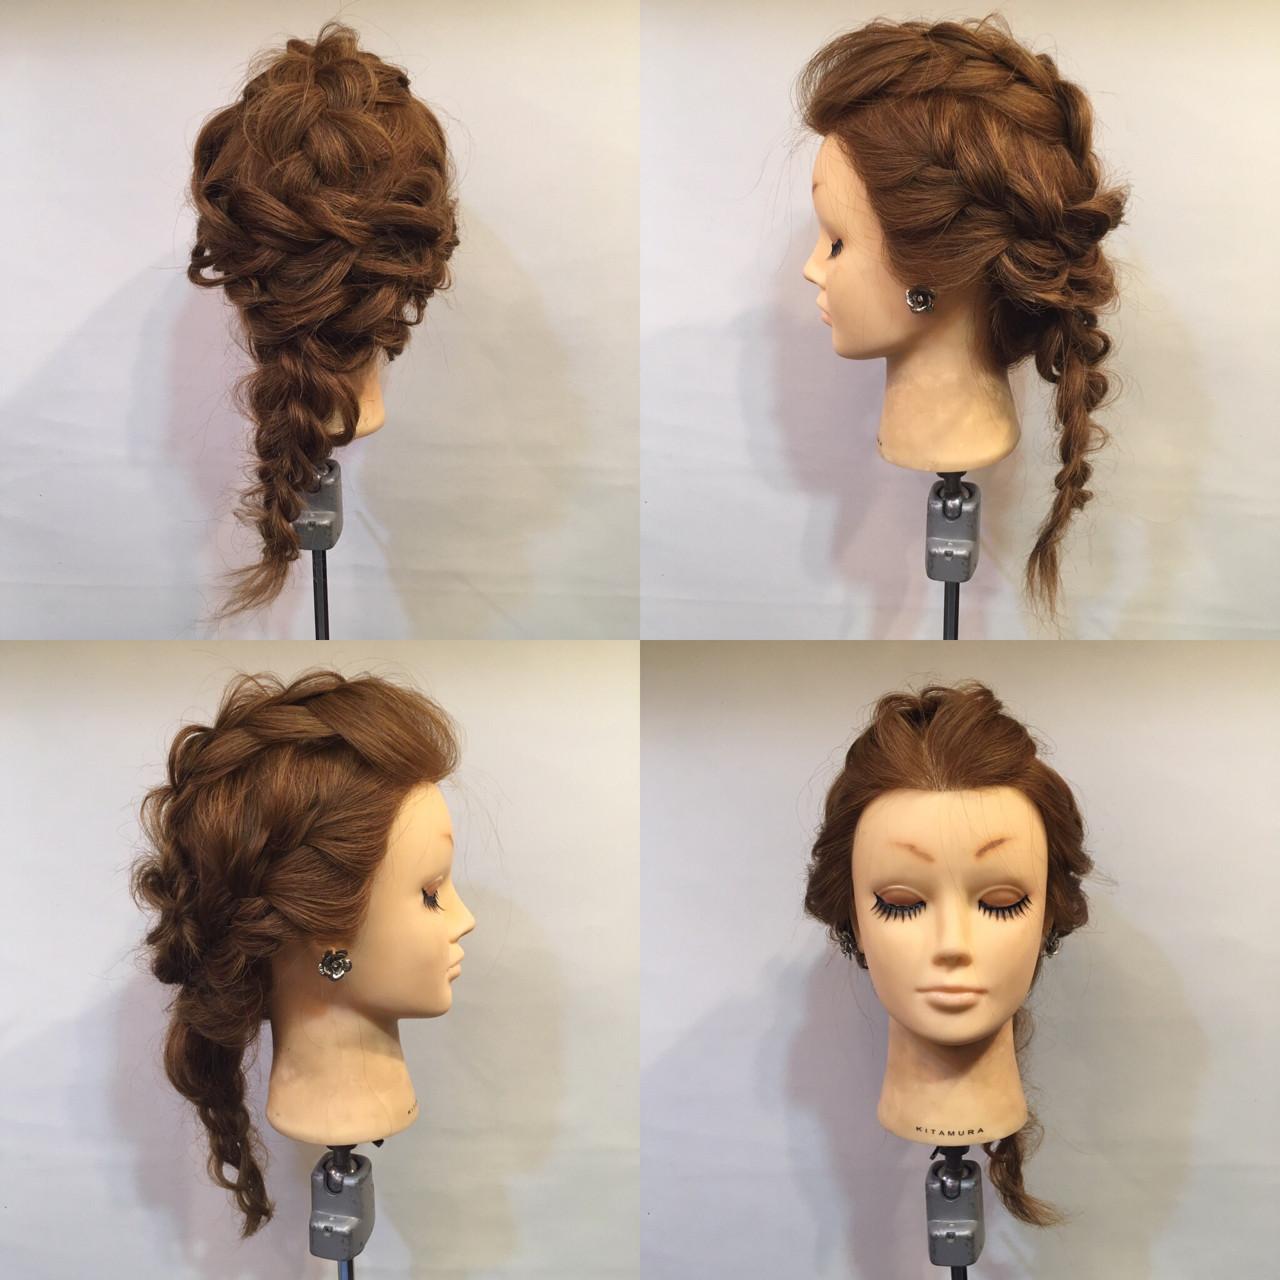 ヘアアレンジ 編み込み 裏編み込み セミロング ヘアスタイルや髪型の写真・画像